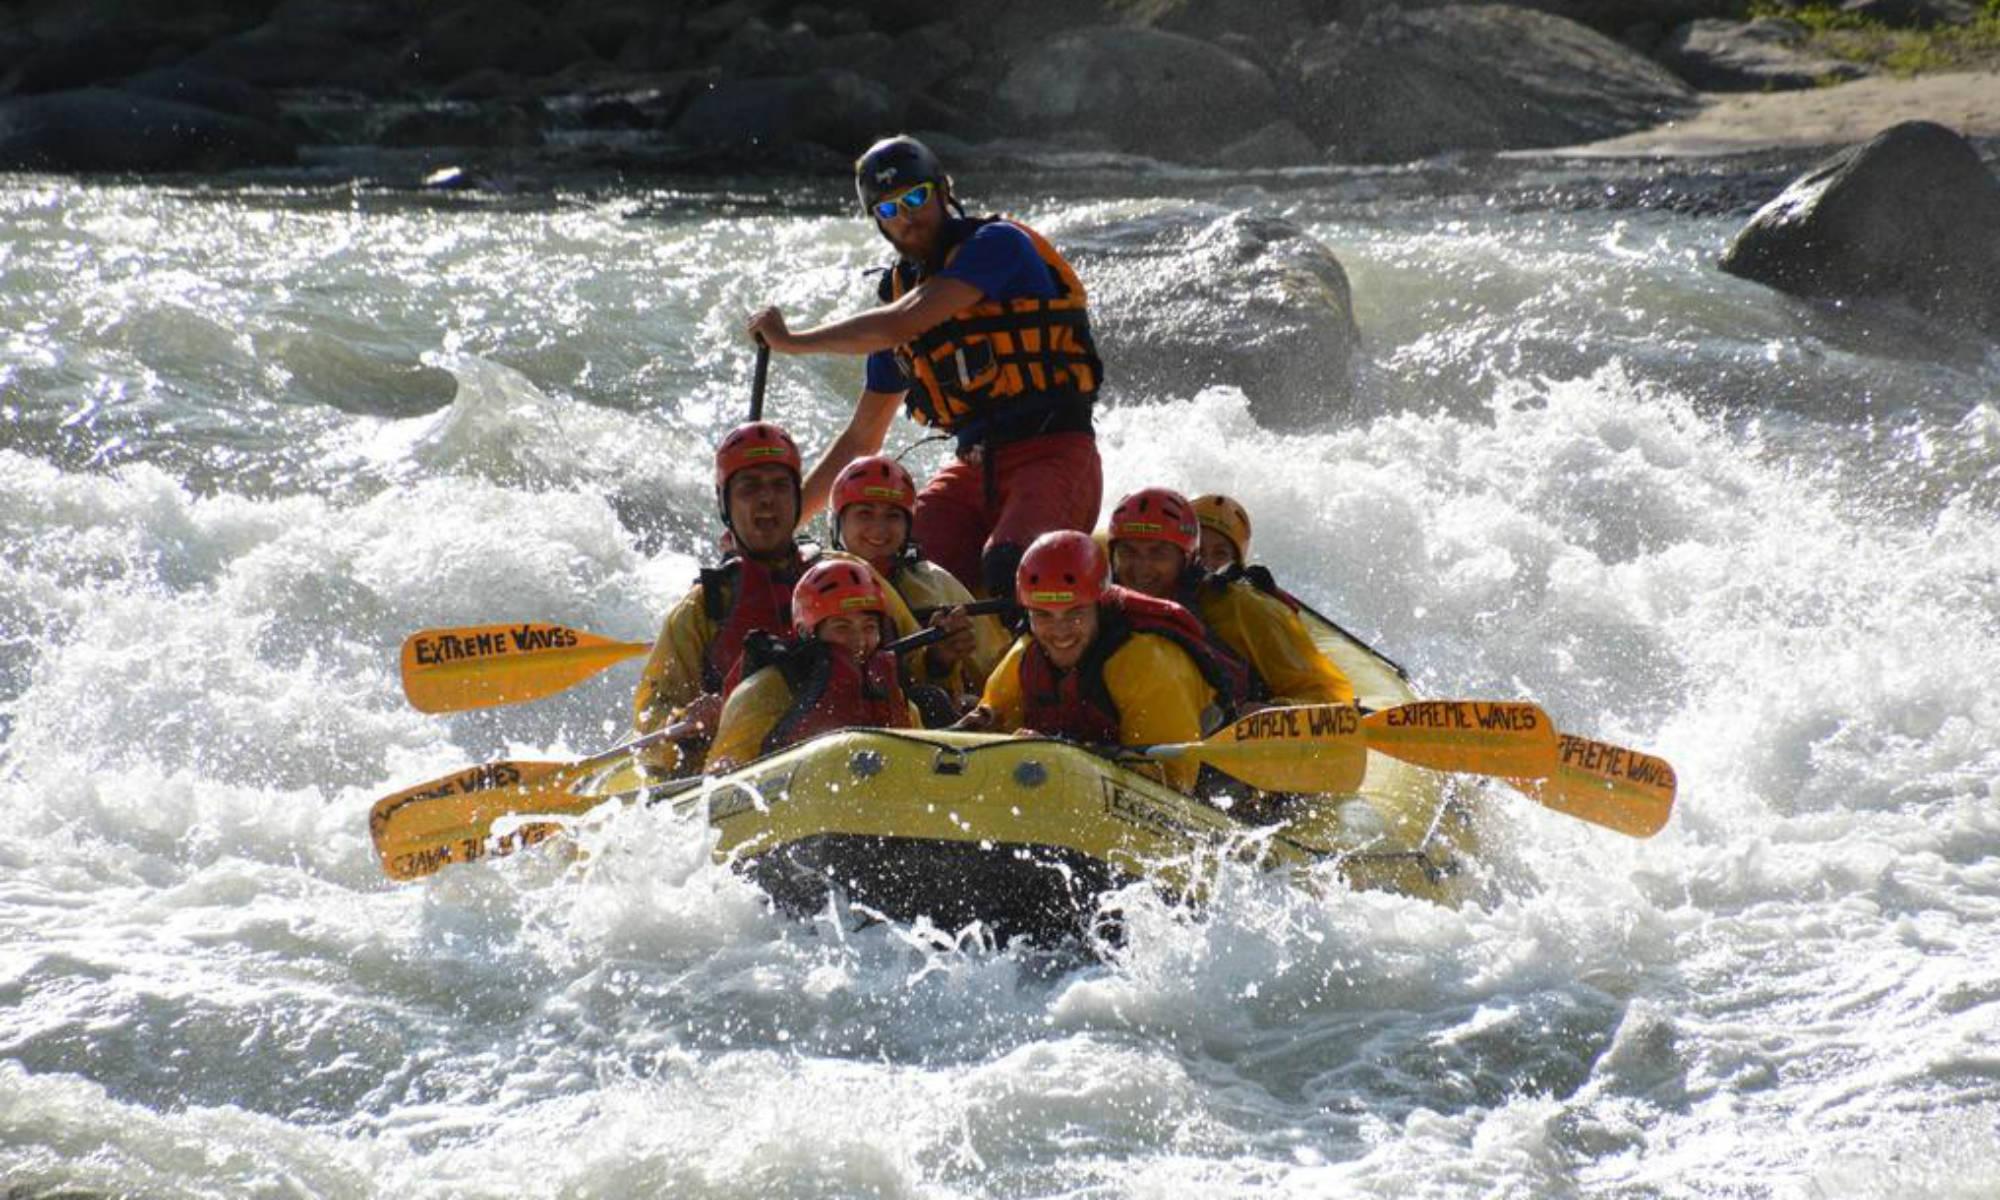 L'equipaggio si diverte ad affrontare l'acqua bianca del fiume Noce.